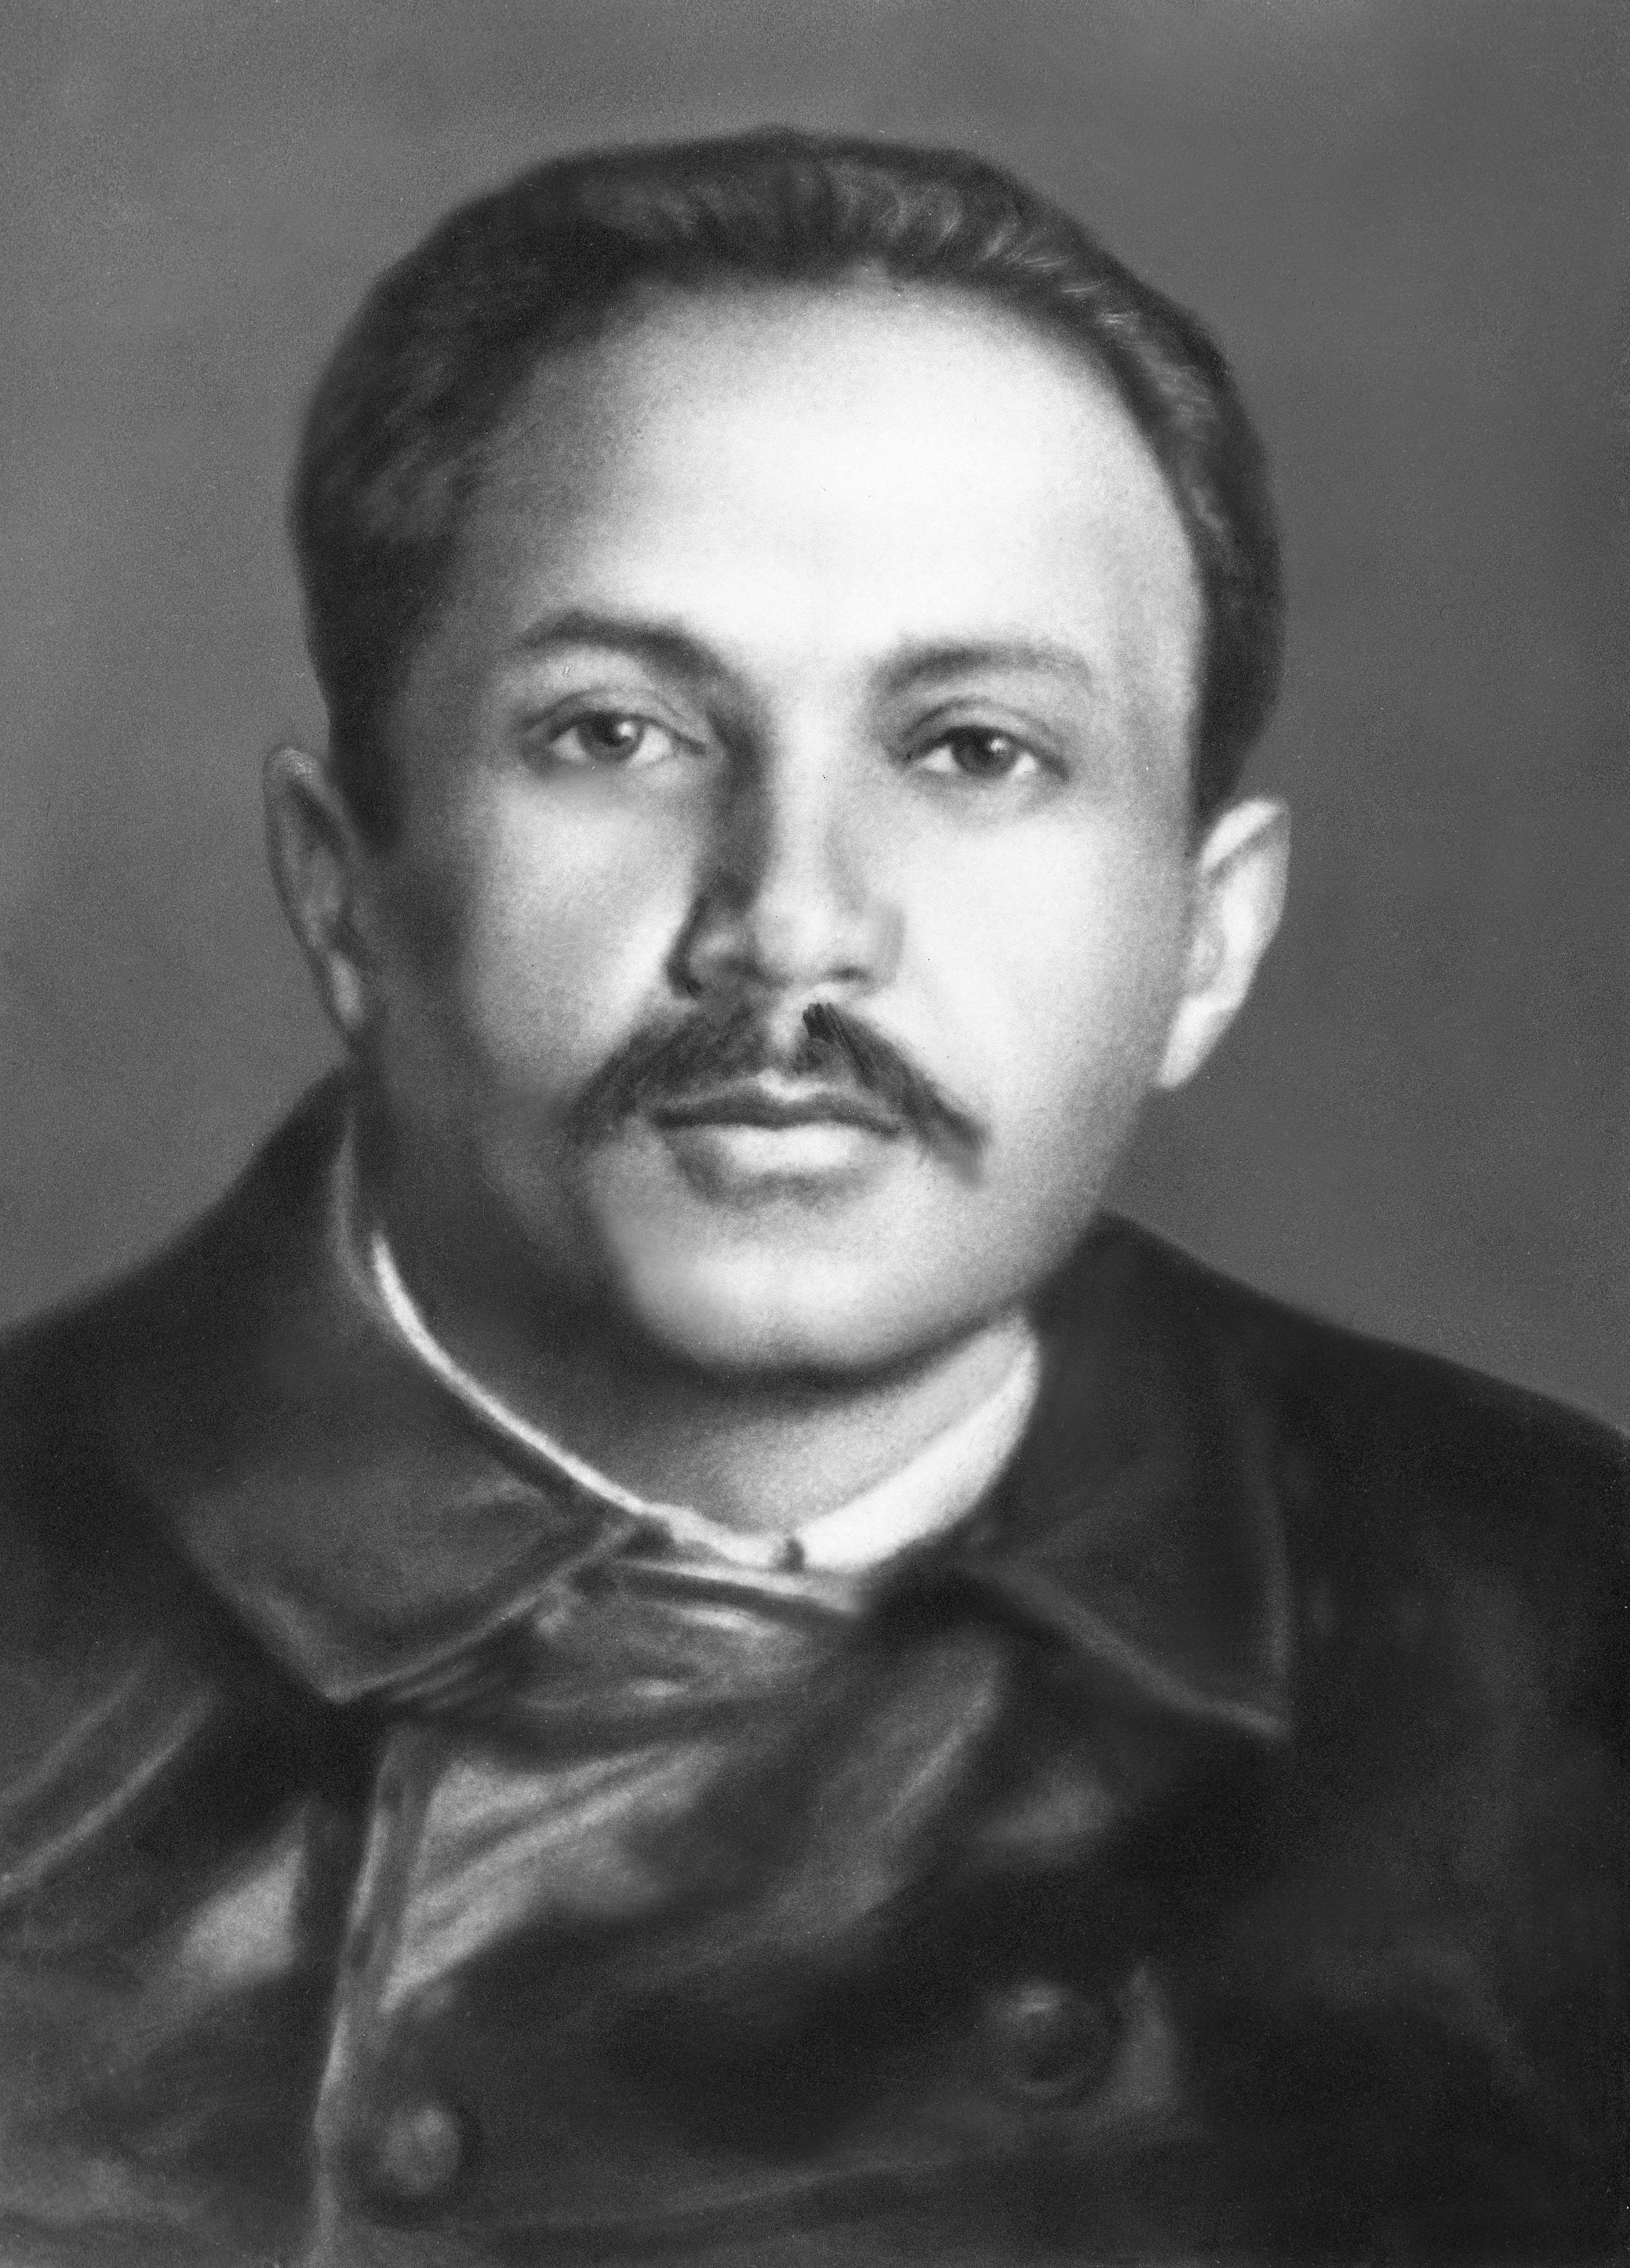 Budapest, Vágó Béla (Weiss Béla) (1881-1939.), 1905 után a szociáldemokrata baloldal egyik vezetõje, és a Népszava munkatársa. A felvétel készítésének dátuma ismeretlen. MTI Fotó: Reprodukció